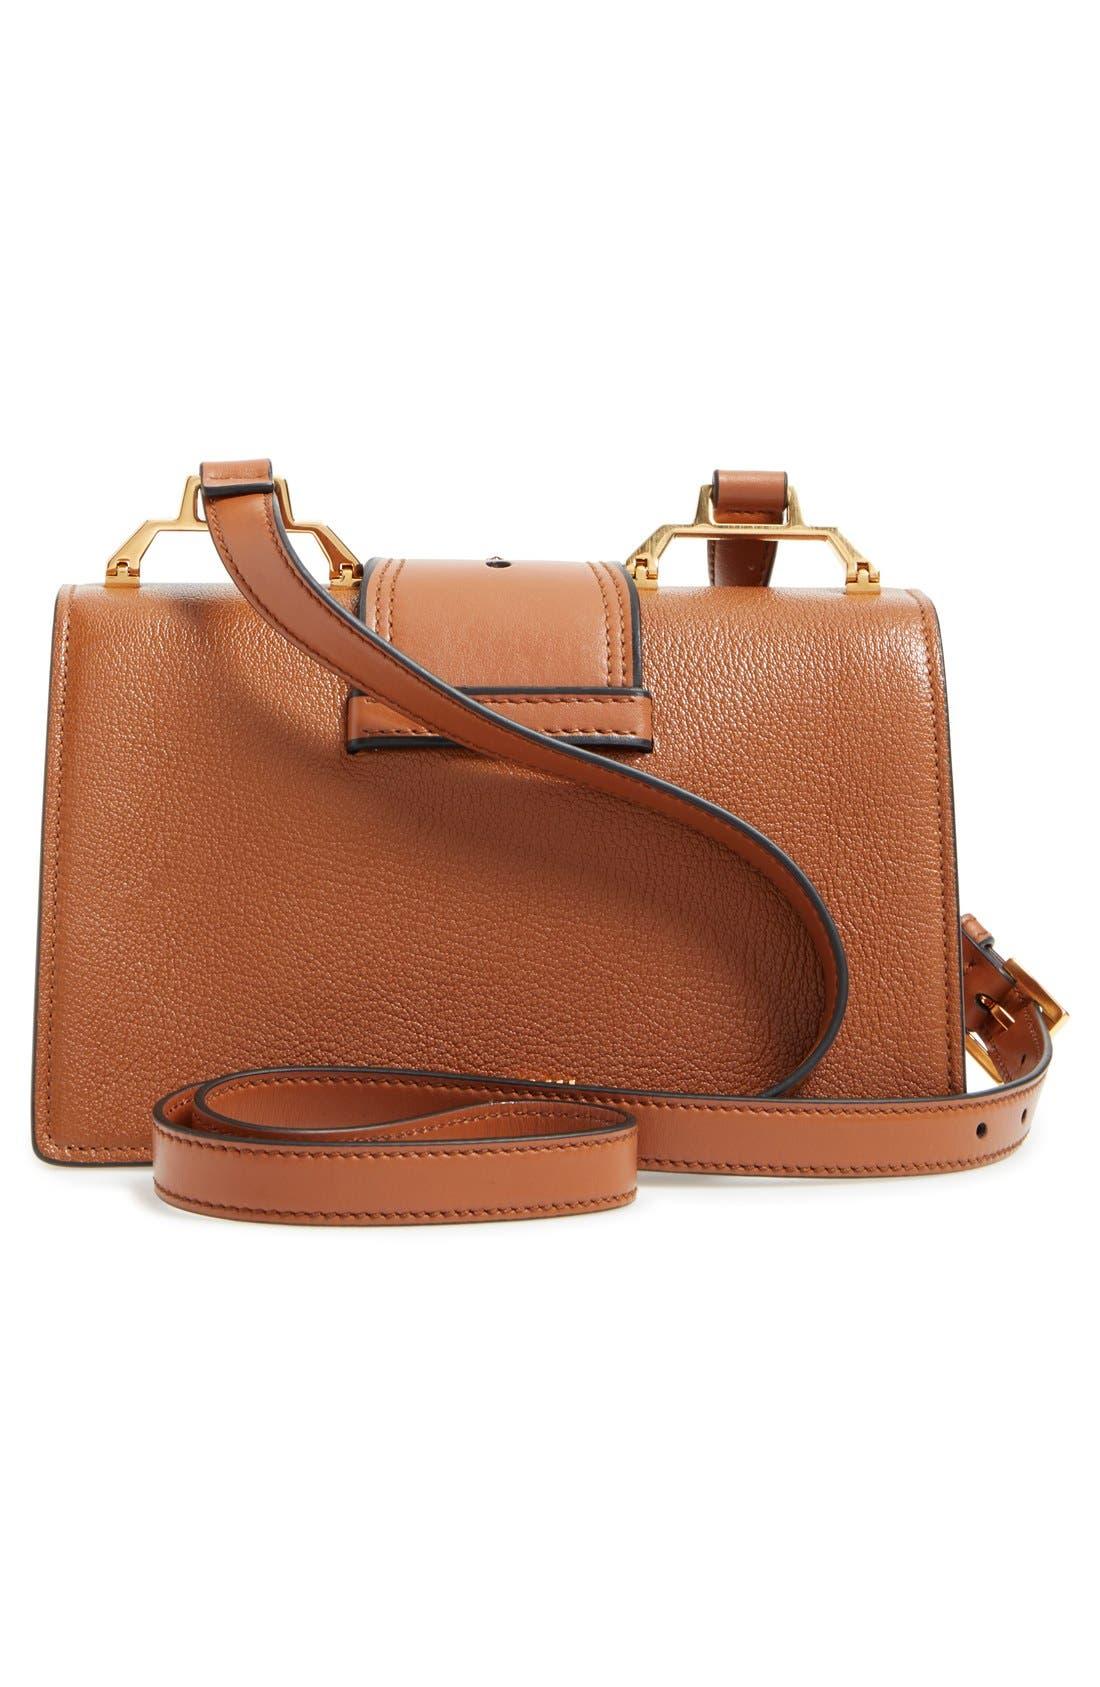 Alternate Image 3  - Miu Miu 'Small Madras' Crystal Embellished Leather Shoulder Bag